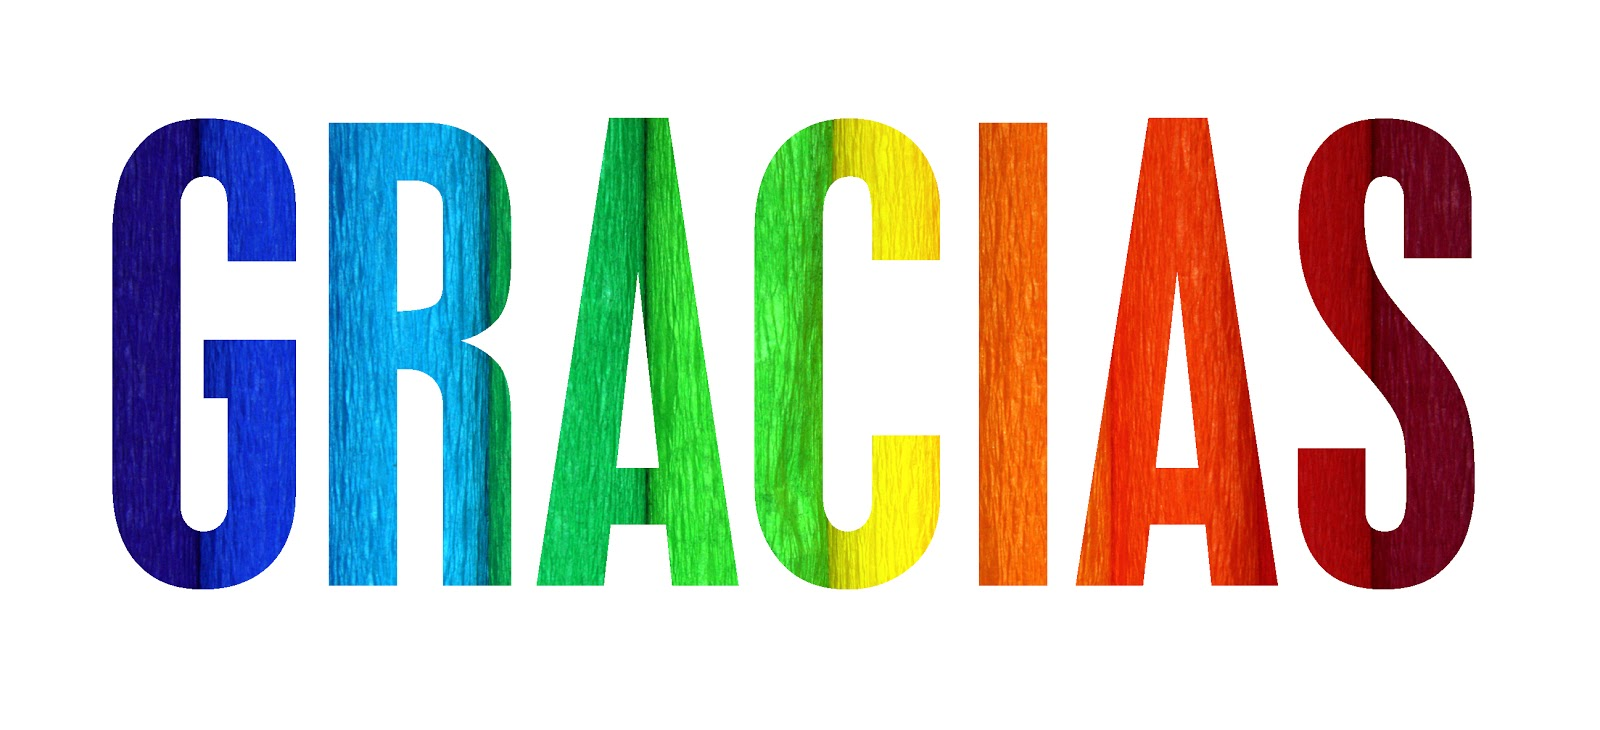 Letras Gracias de colores - Imagenes y Carteles